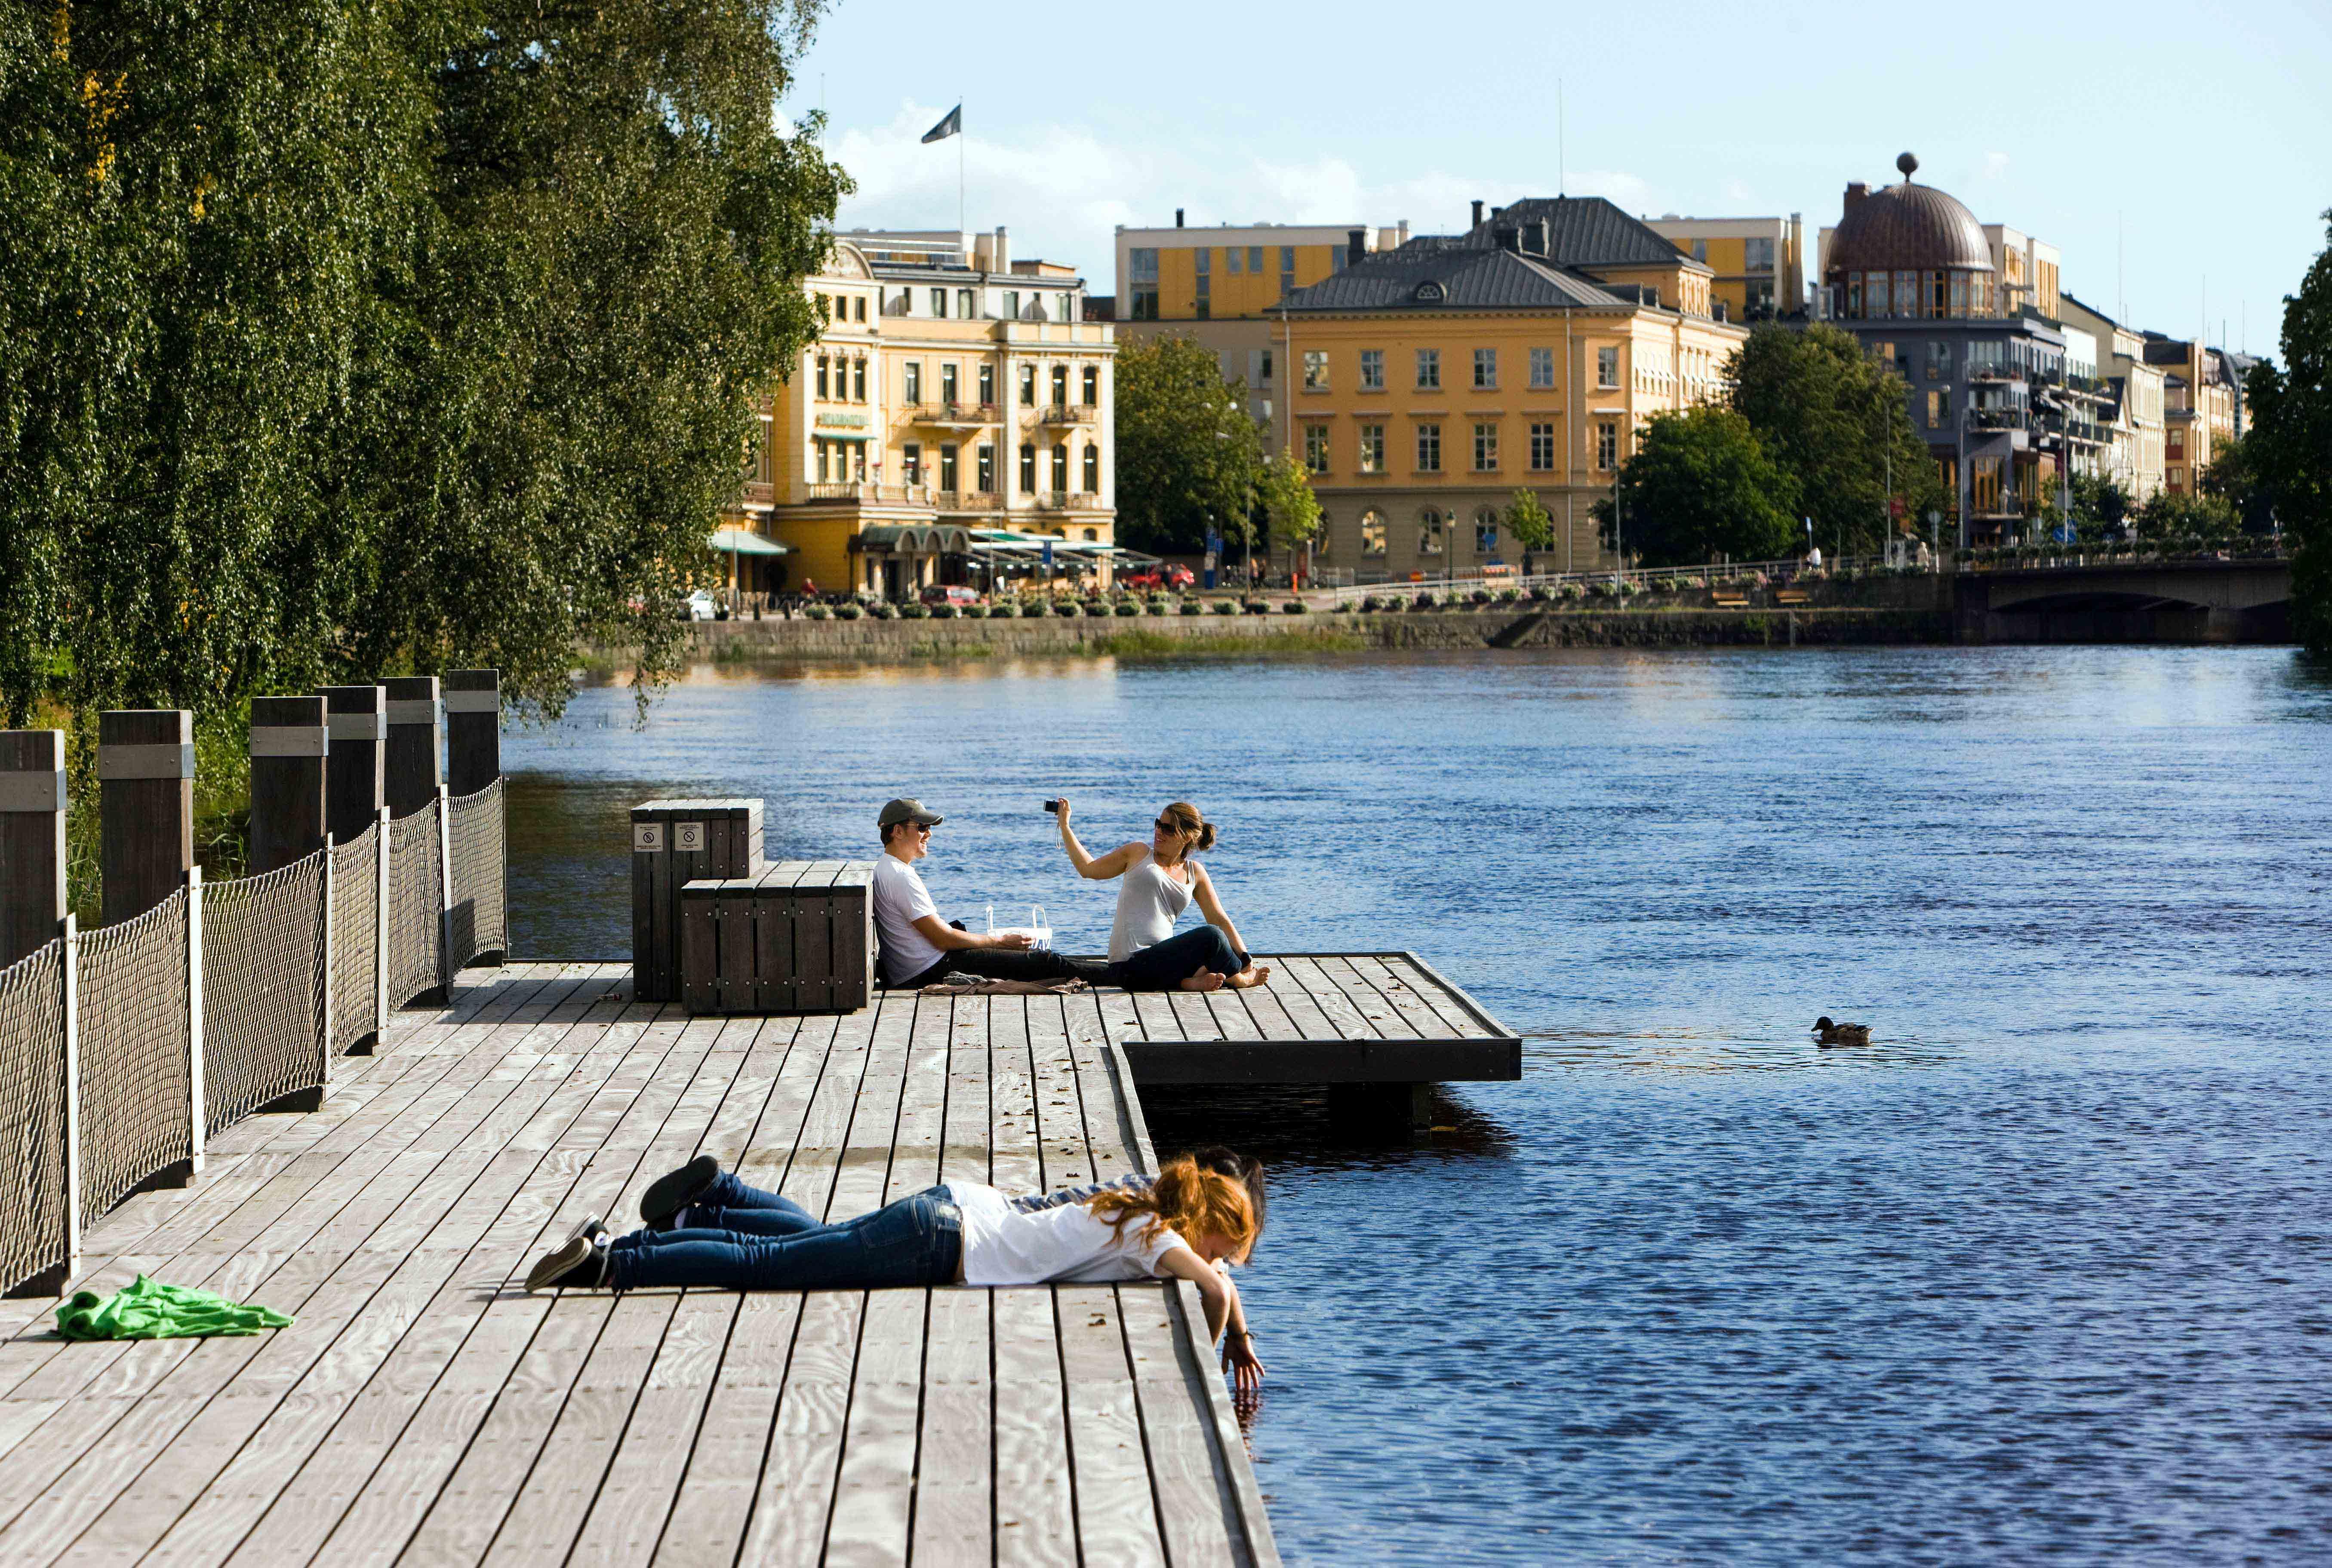 The Sandgrund park, Karlstad Sweden